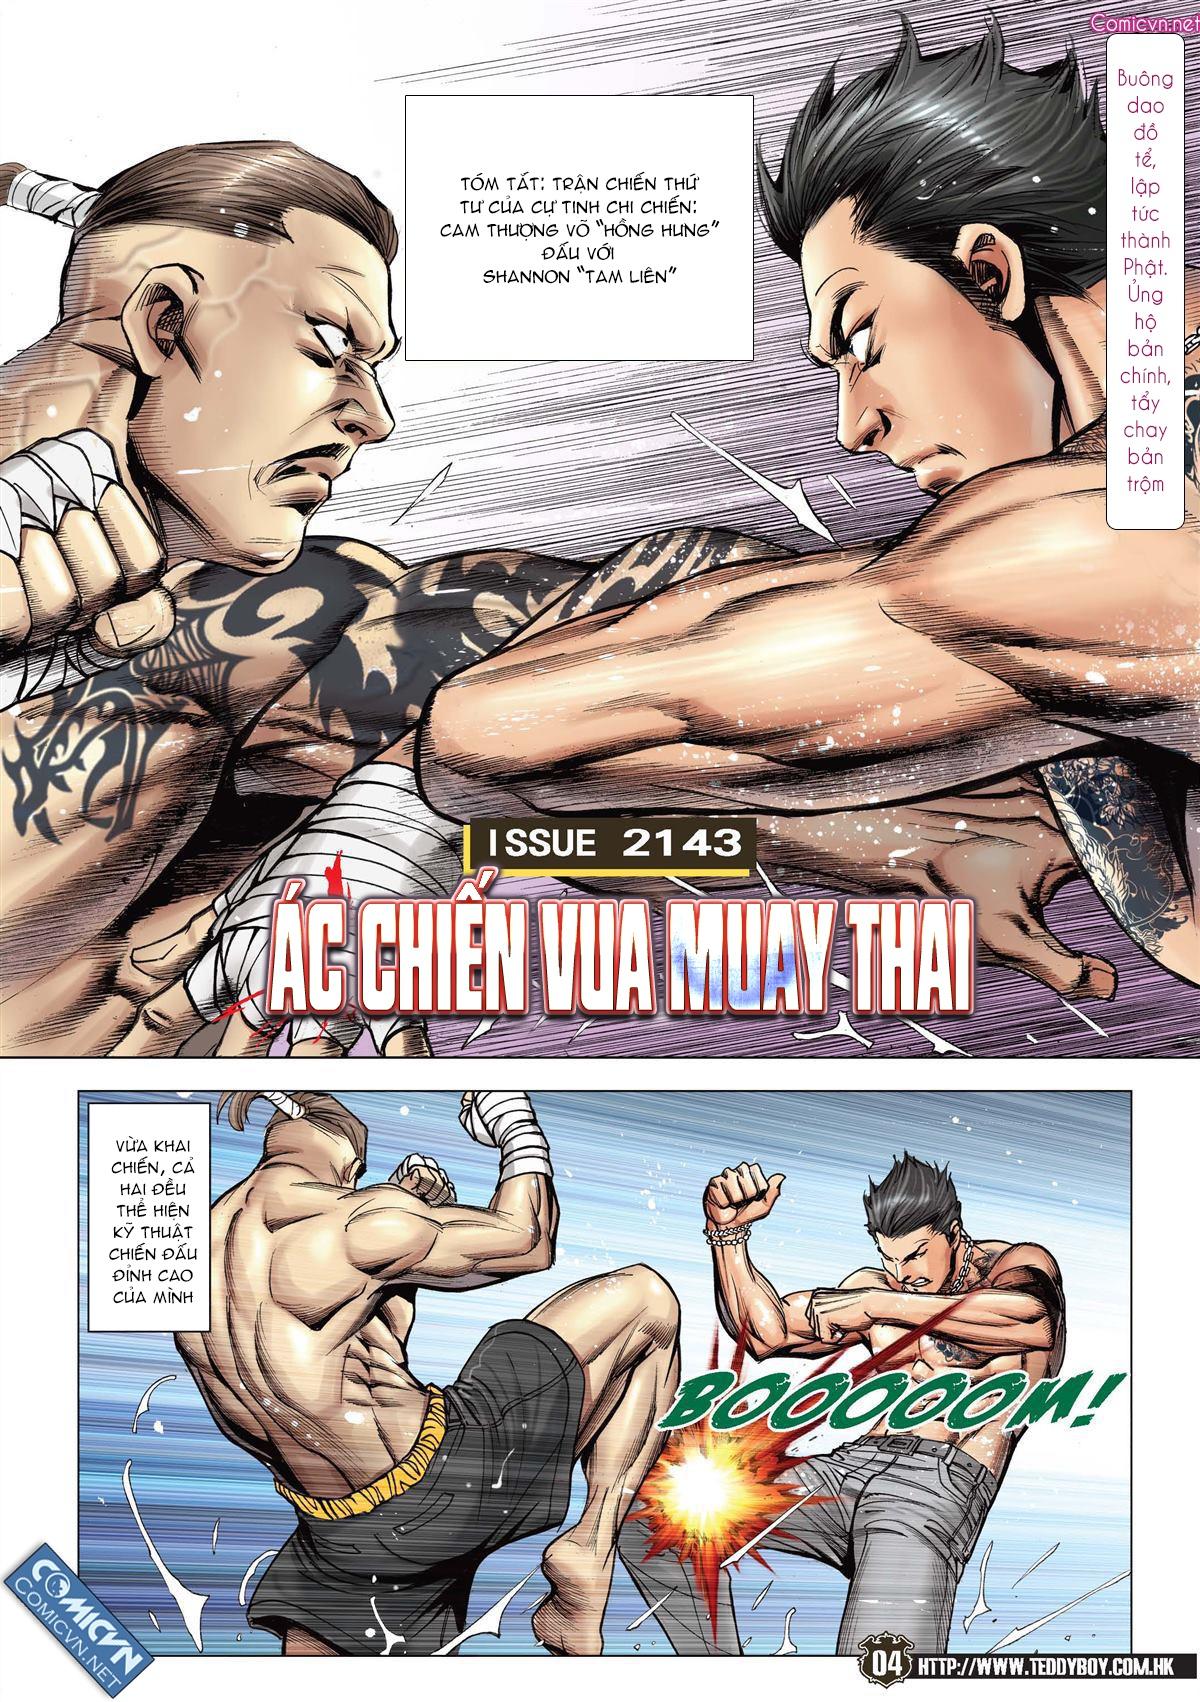 Người Trong Giang Hồ chapter 2143: ác chiến vua muay thai trang 2